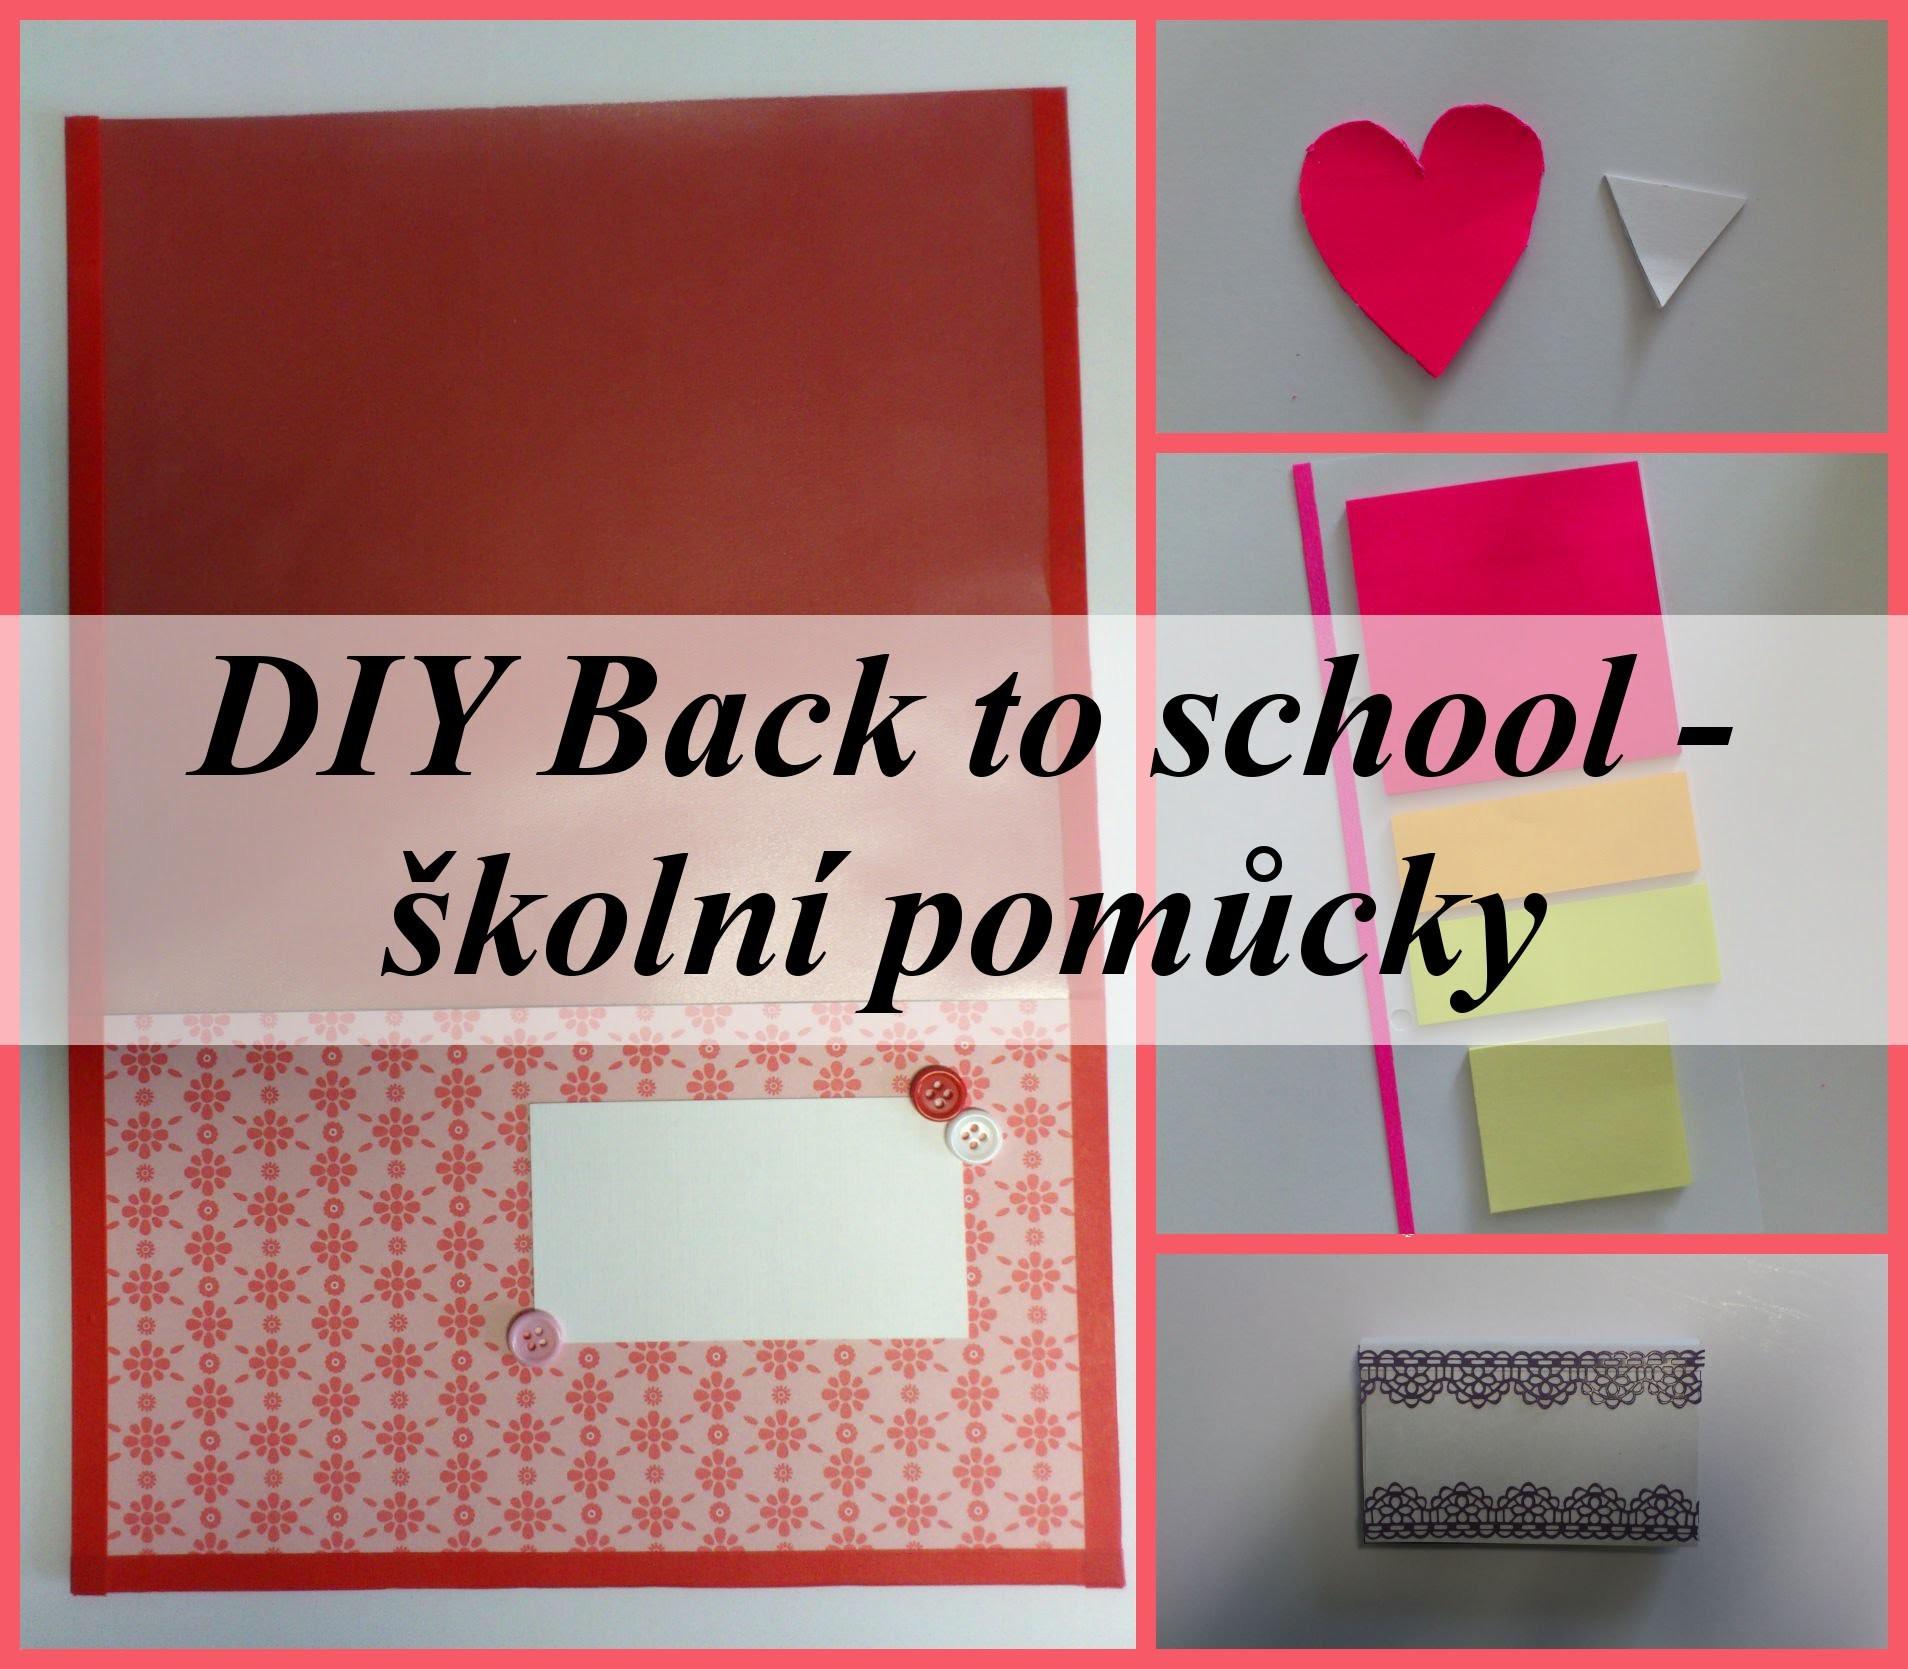 DIY Back to school 2015 - školní pomůcky.school supplies